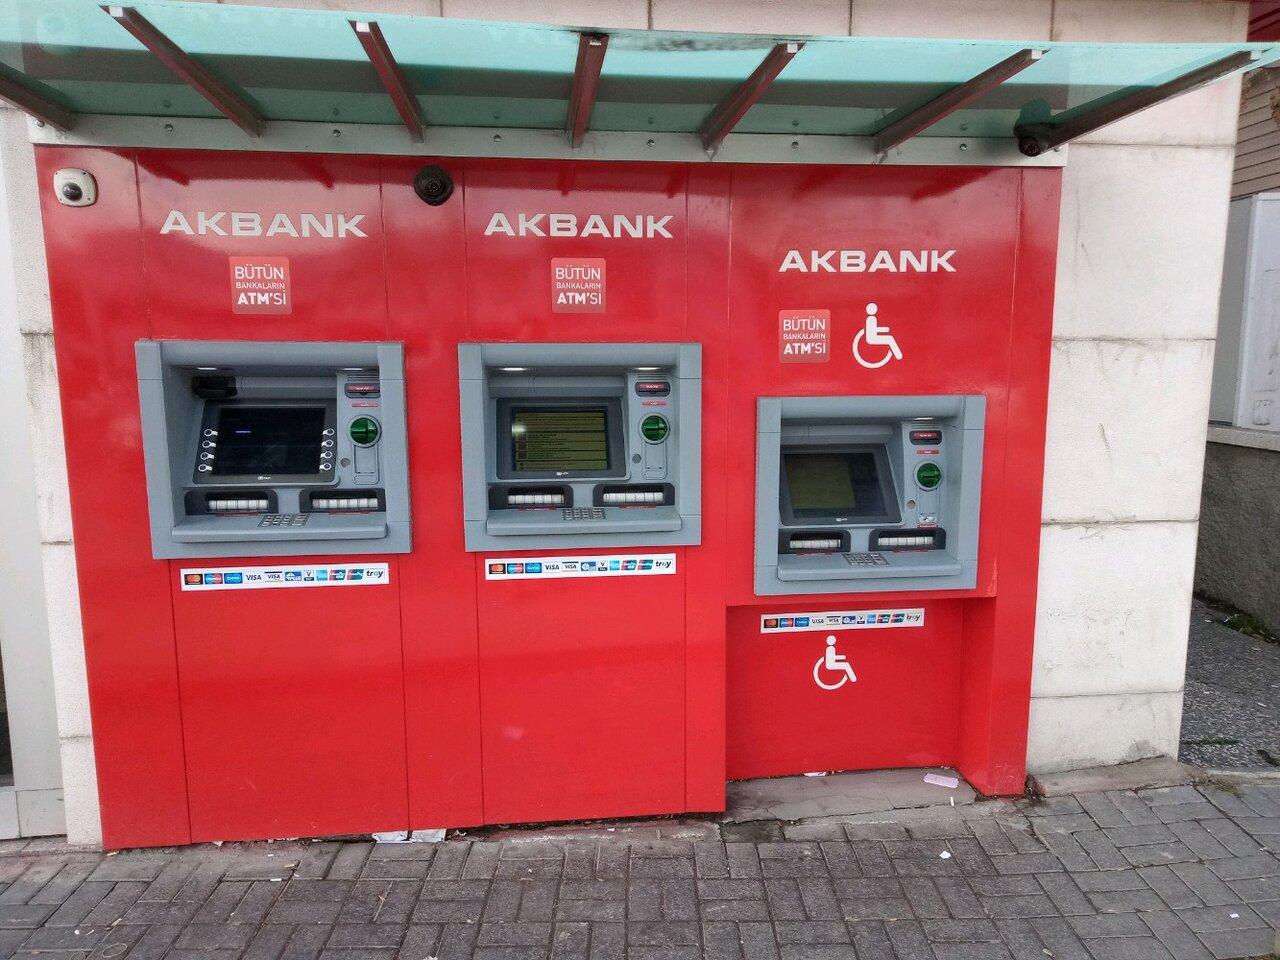 банкоматы турции фото нашем сайте